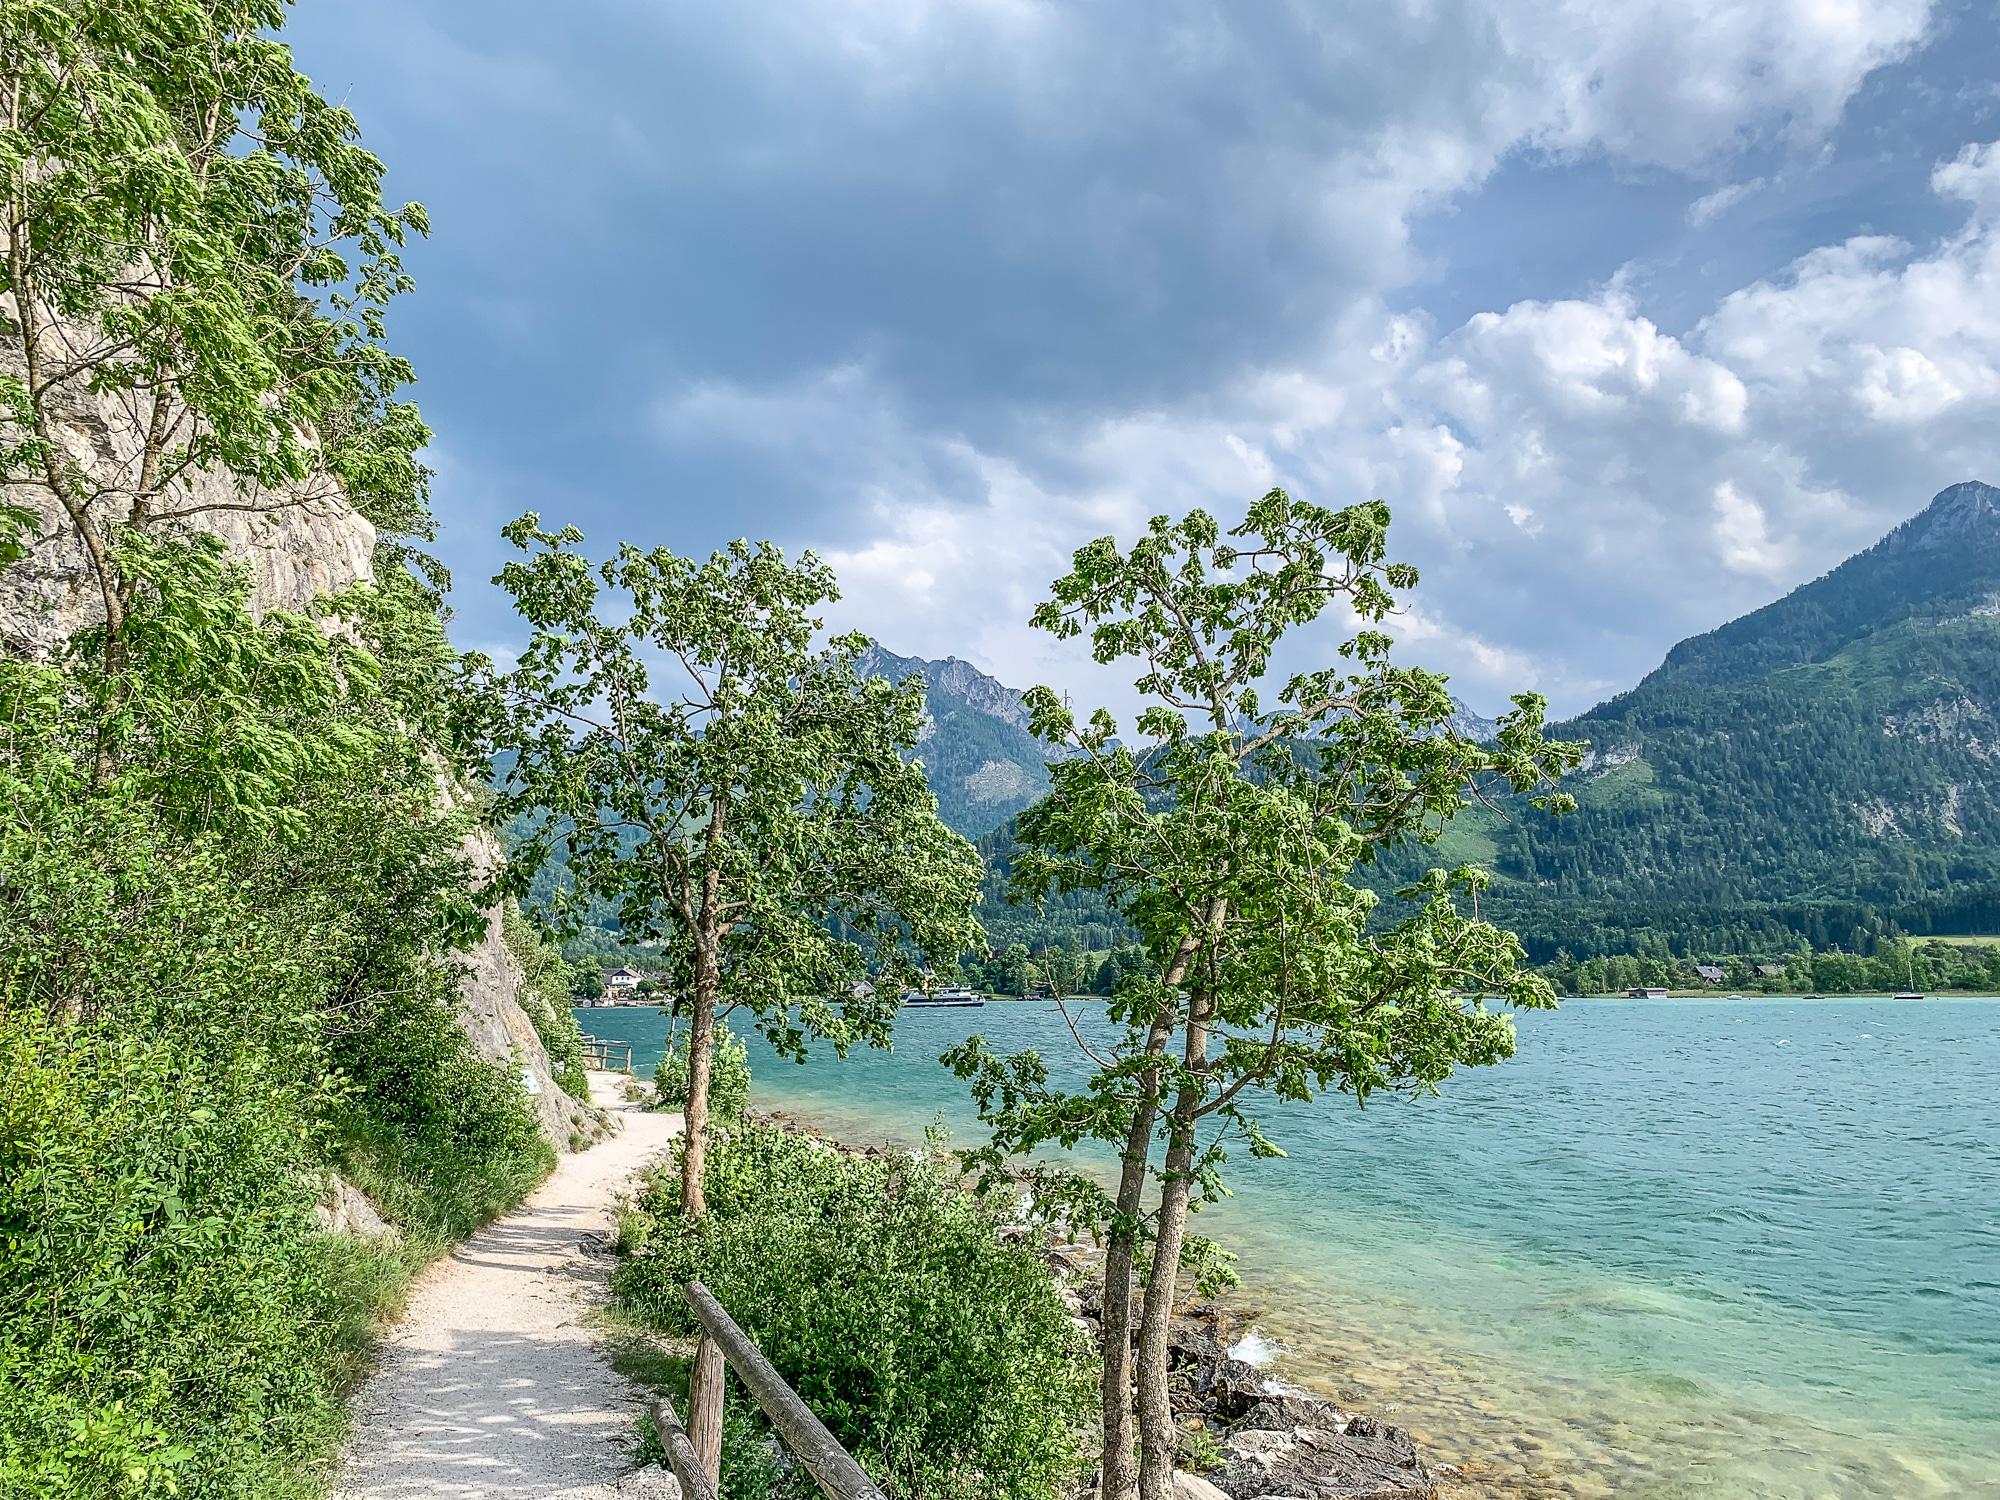 BergeSeen Trail: Erfahrungen auf der Weitwanderung im Salzkammergut - Etappe 3, Strobl am Wolfgangsee